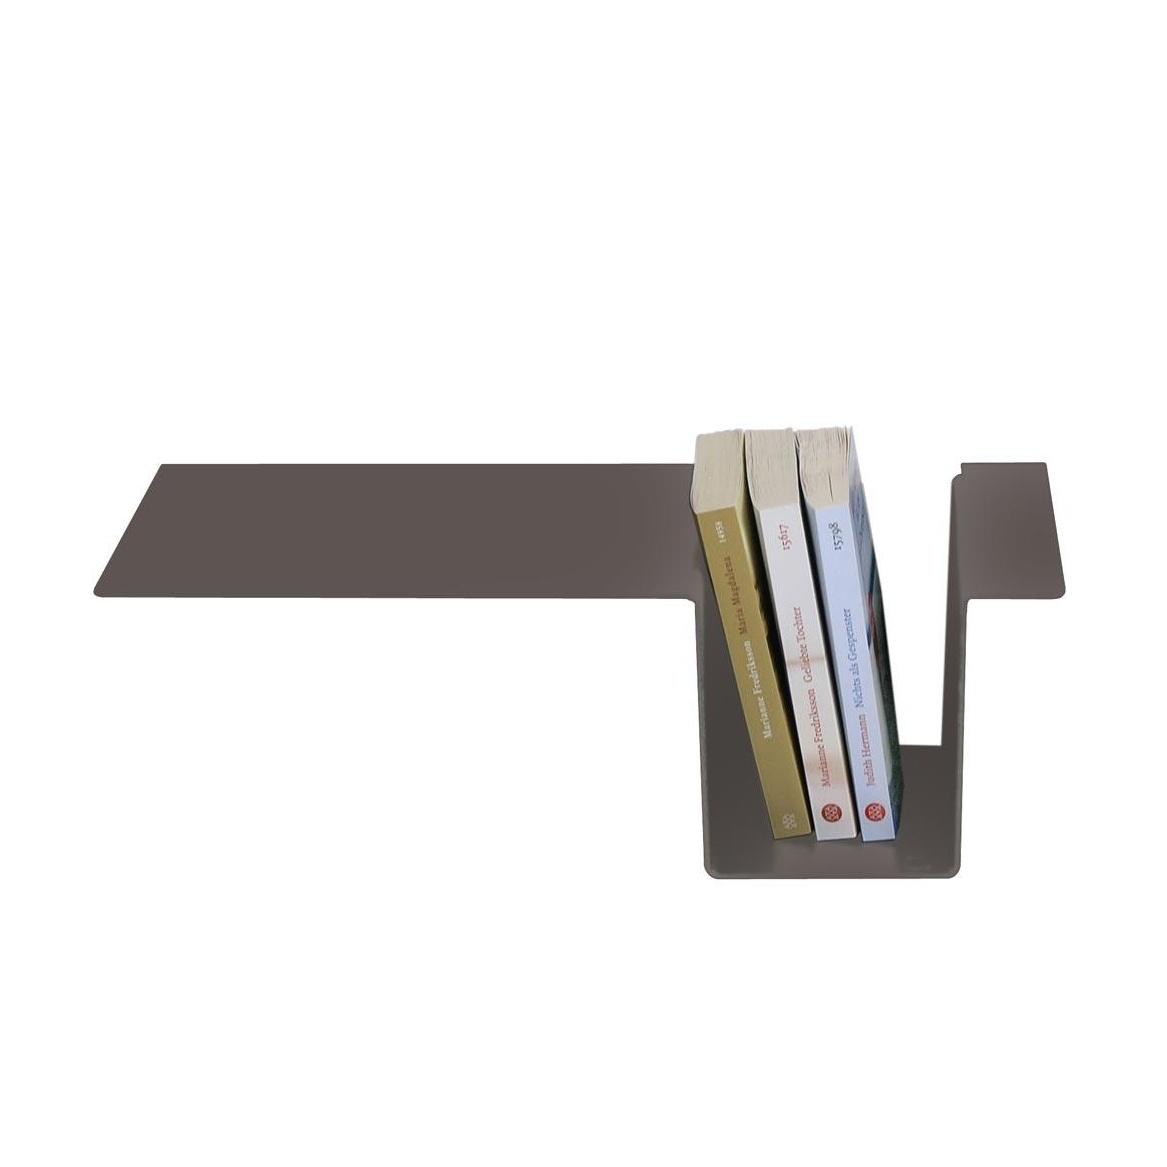 Moormann - Siebenschläfer Seitenablage - umbragrau/pulverbeschichtet/zum einhängen | Schlafzimmer > Nachttische | Umbragrau | Aluminum | Moormann